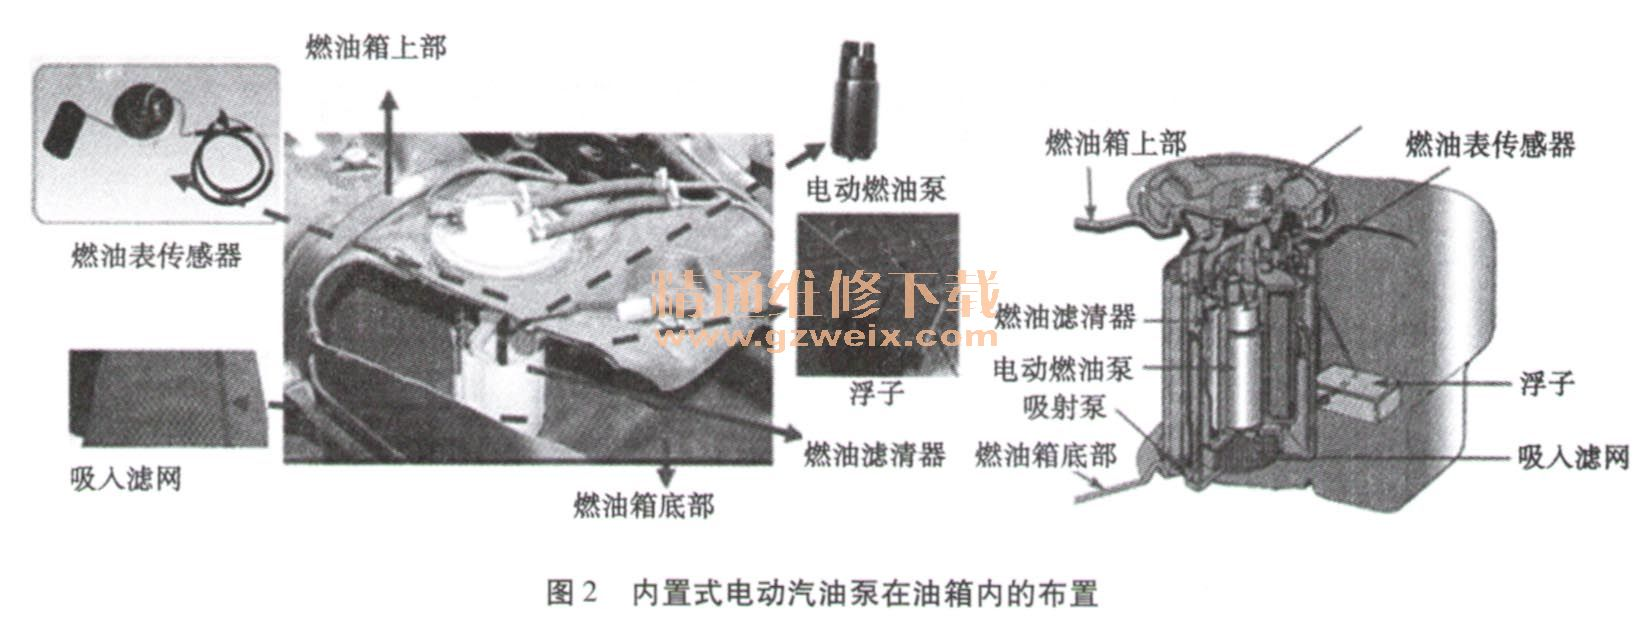 谈活性炭罐对汽油泵的影响高清图片